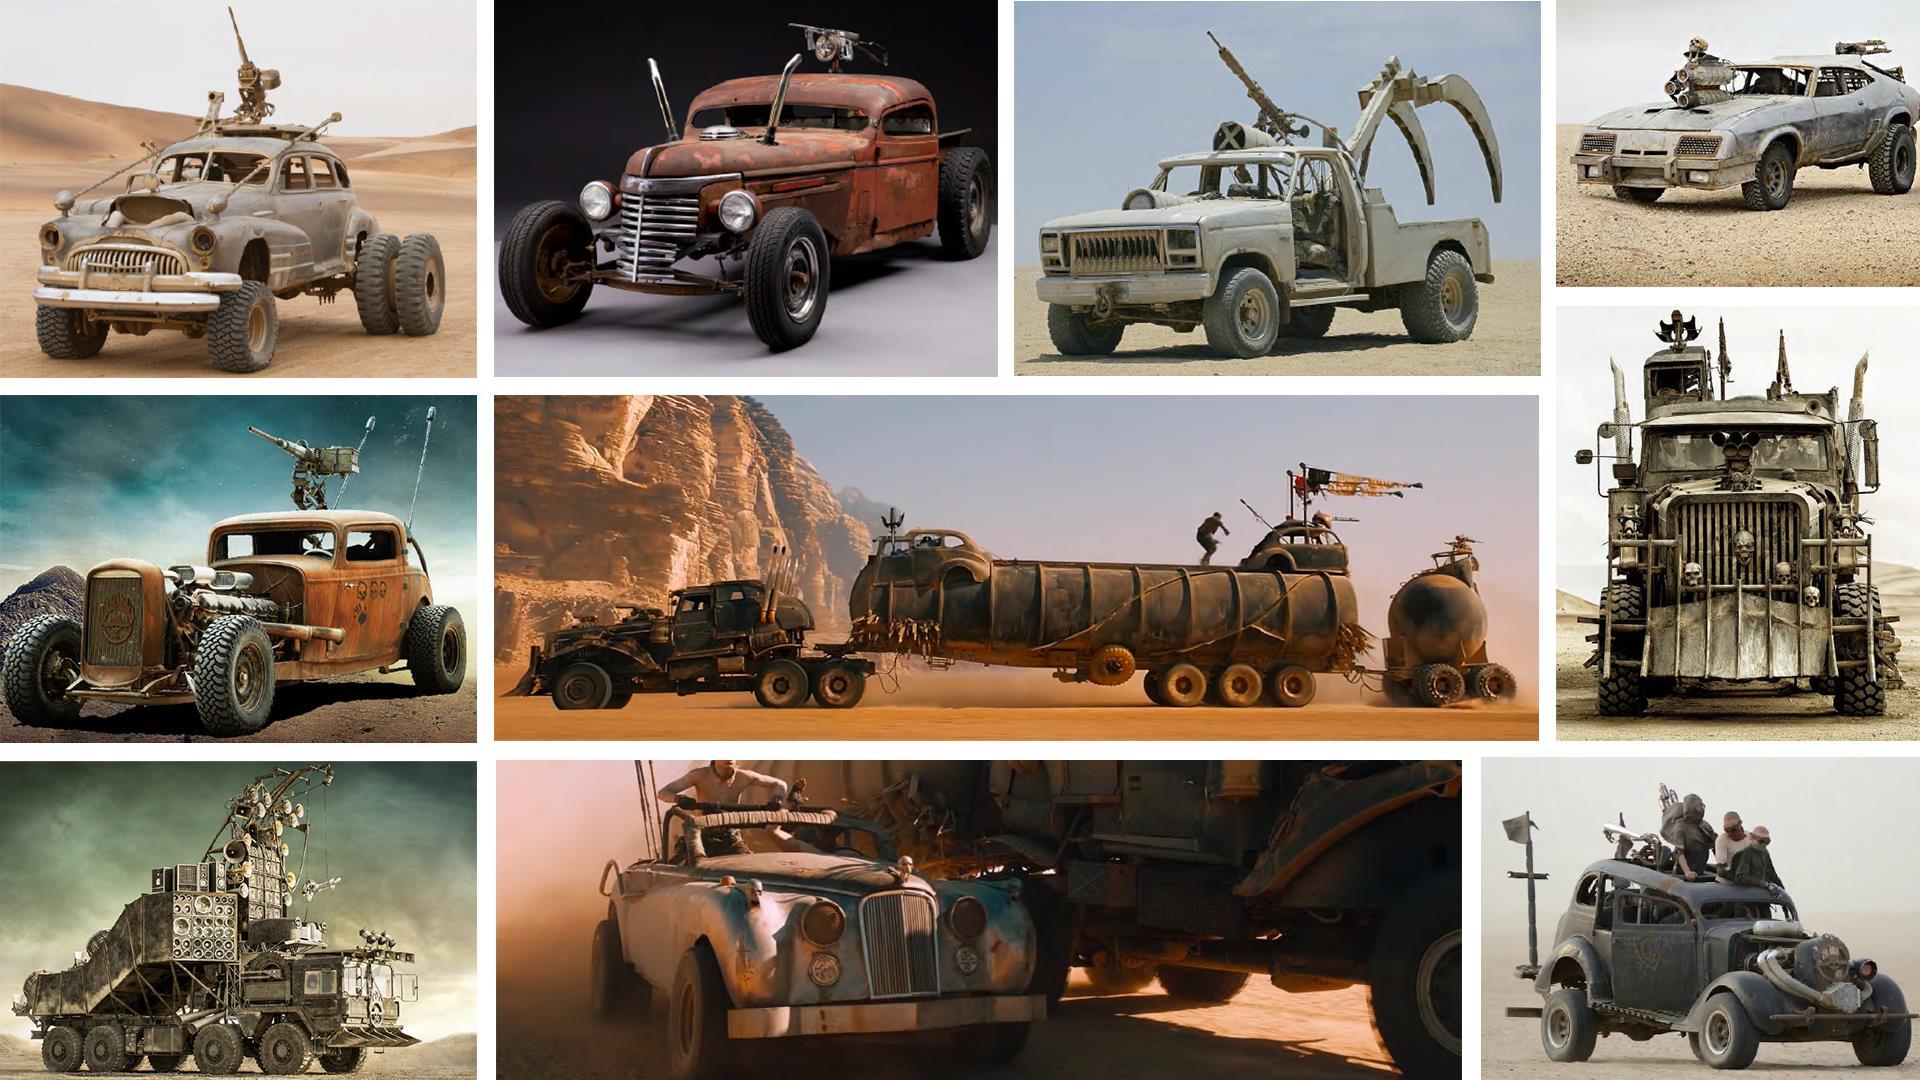 13 سيارة من فيلم ماد ماكس فيوري رود تعرض للبيع في مزاد